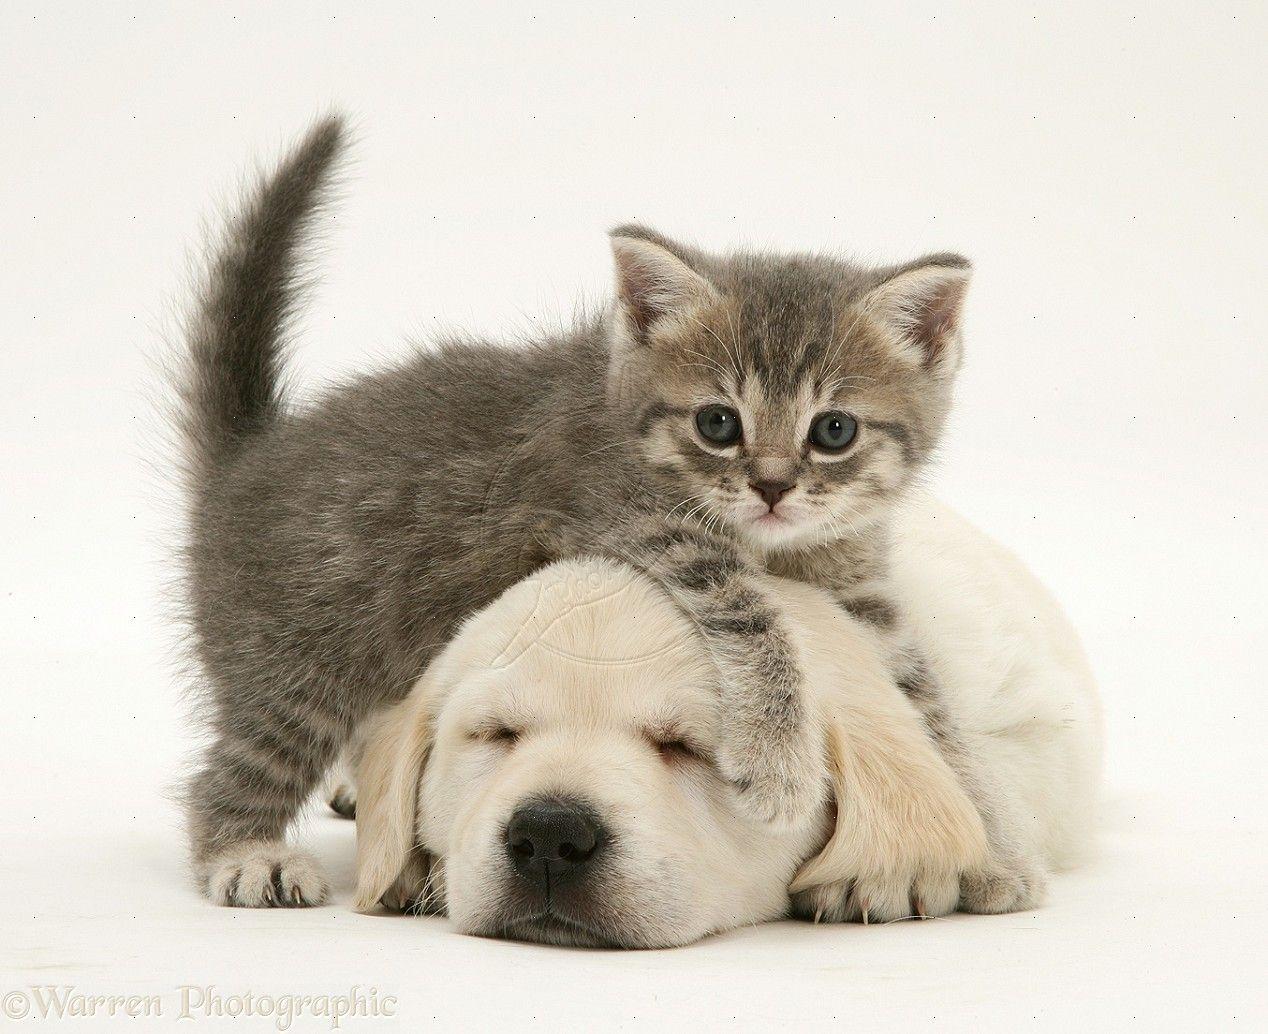 Happy Kitten Morning! Cute kittens a. Free eBooks http